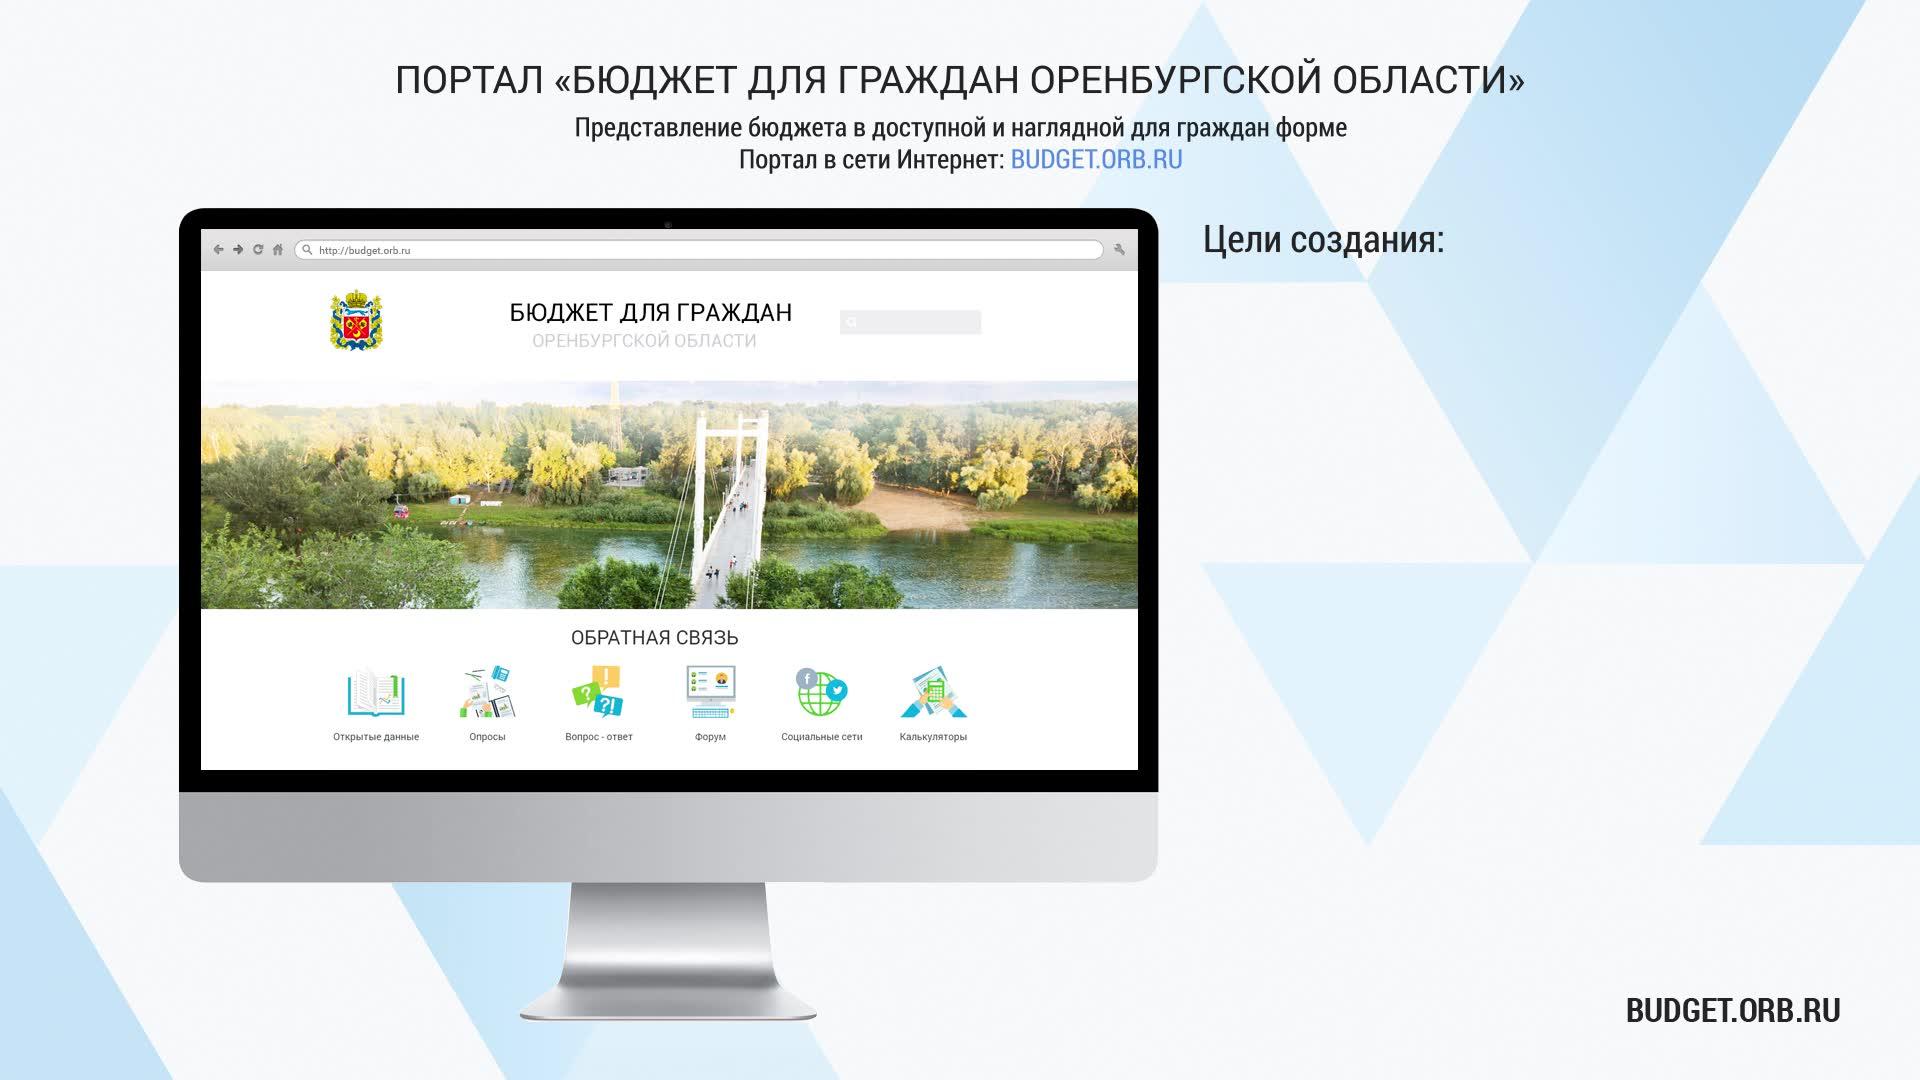 Бюджет для граждан Оренбургской области